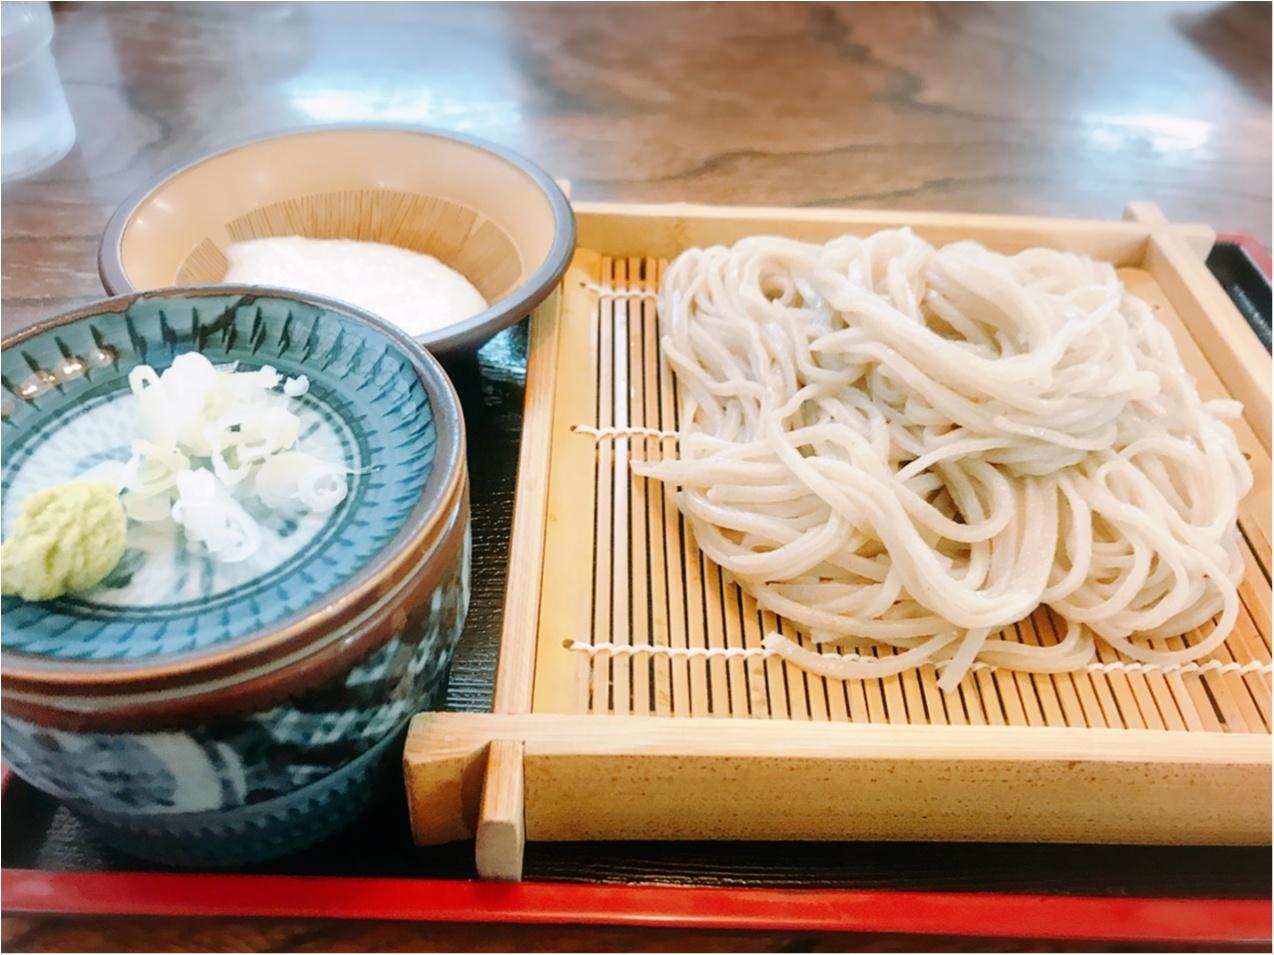 《長瀞グルメ》ライン下りのあとはココ♡「生そば たむら」の絶品お蕎麦と◯◯揚げ!_3_2